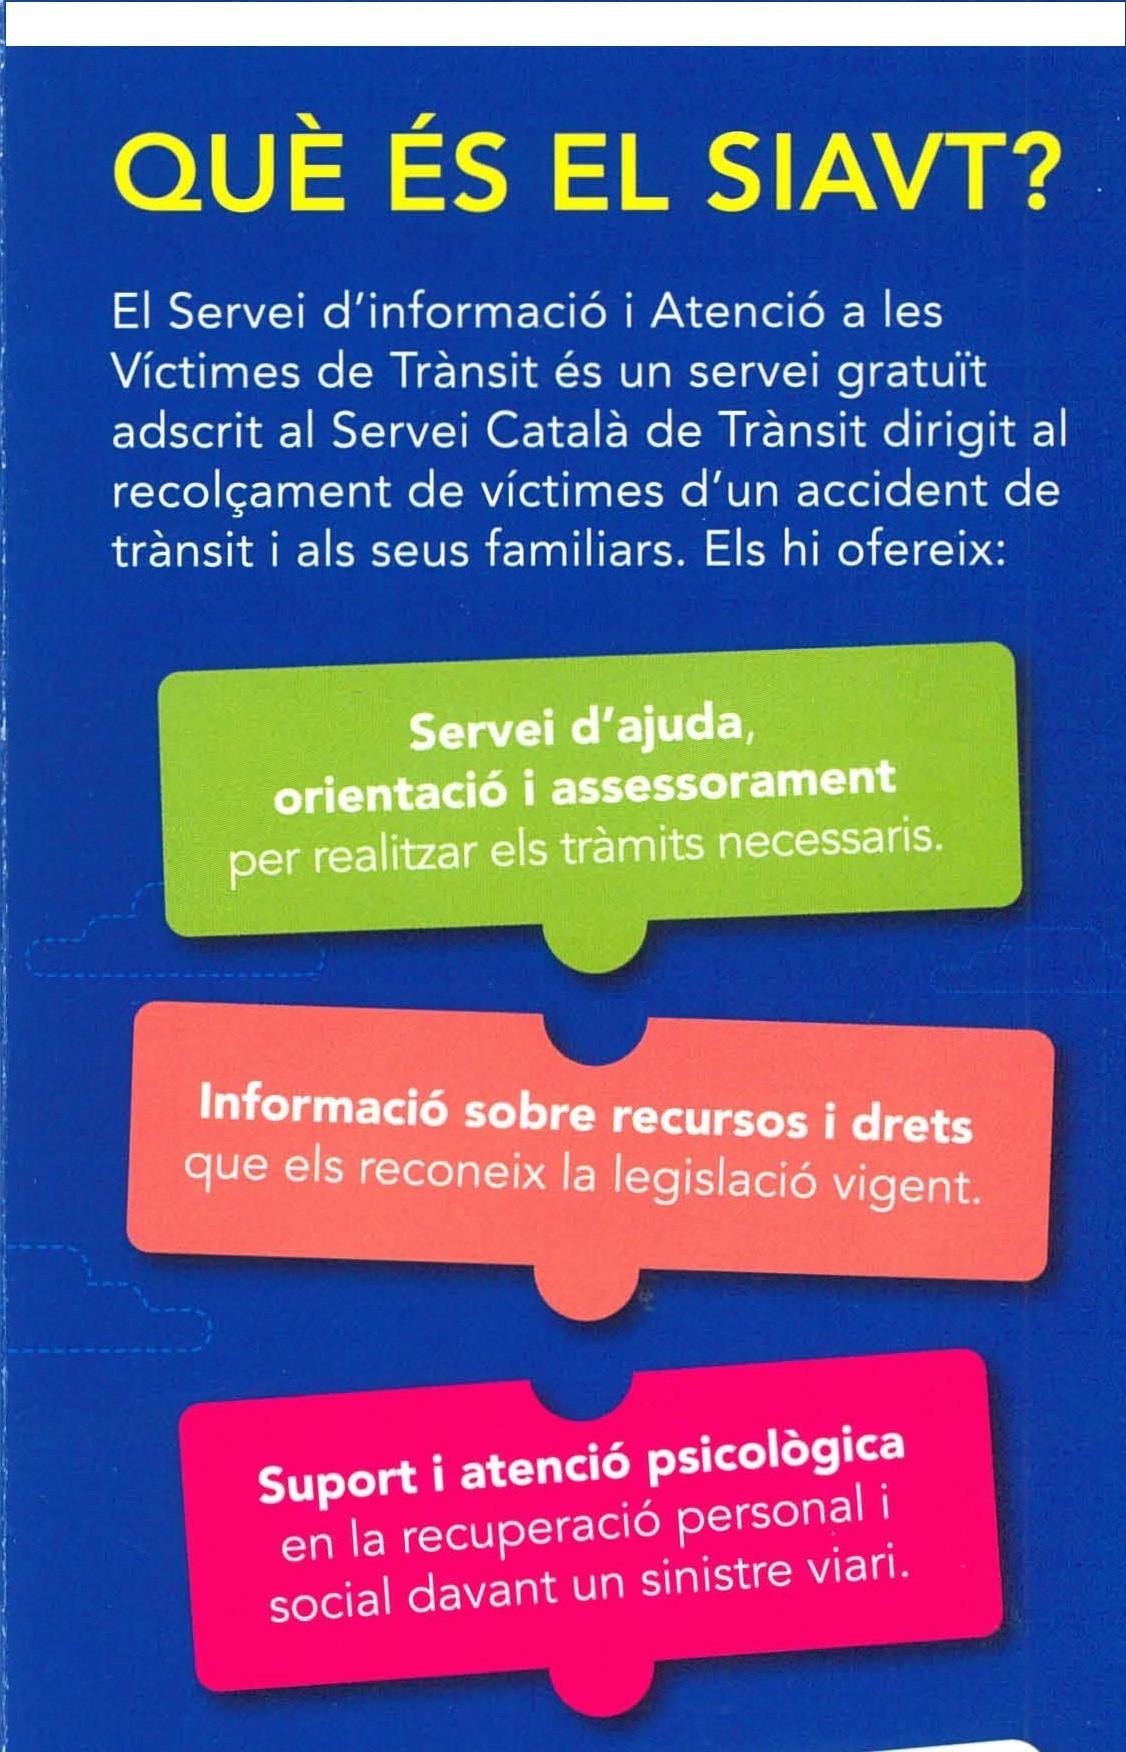 SERVICIO DE INFORMACIÓN Y ATENCIÓN A LAS VÍCTIMAS DE TRÁNSITO